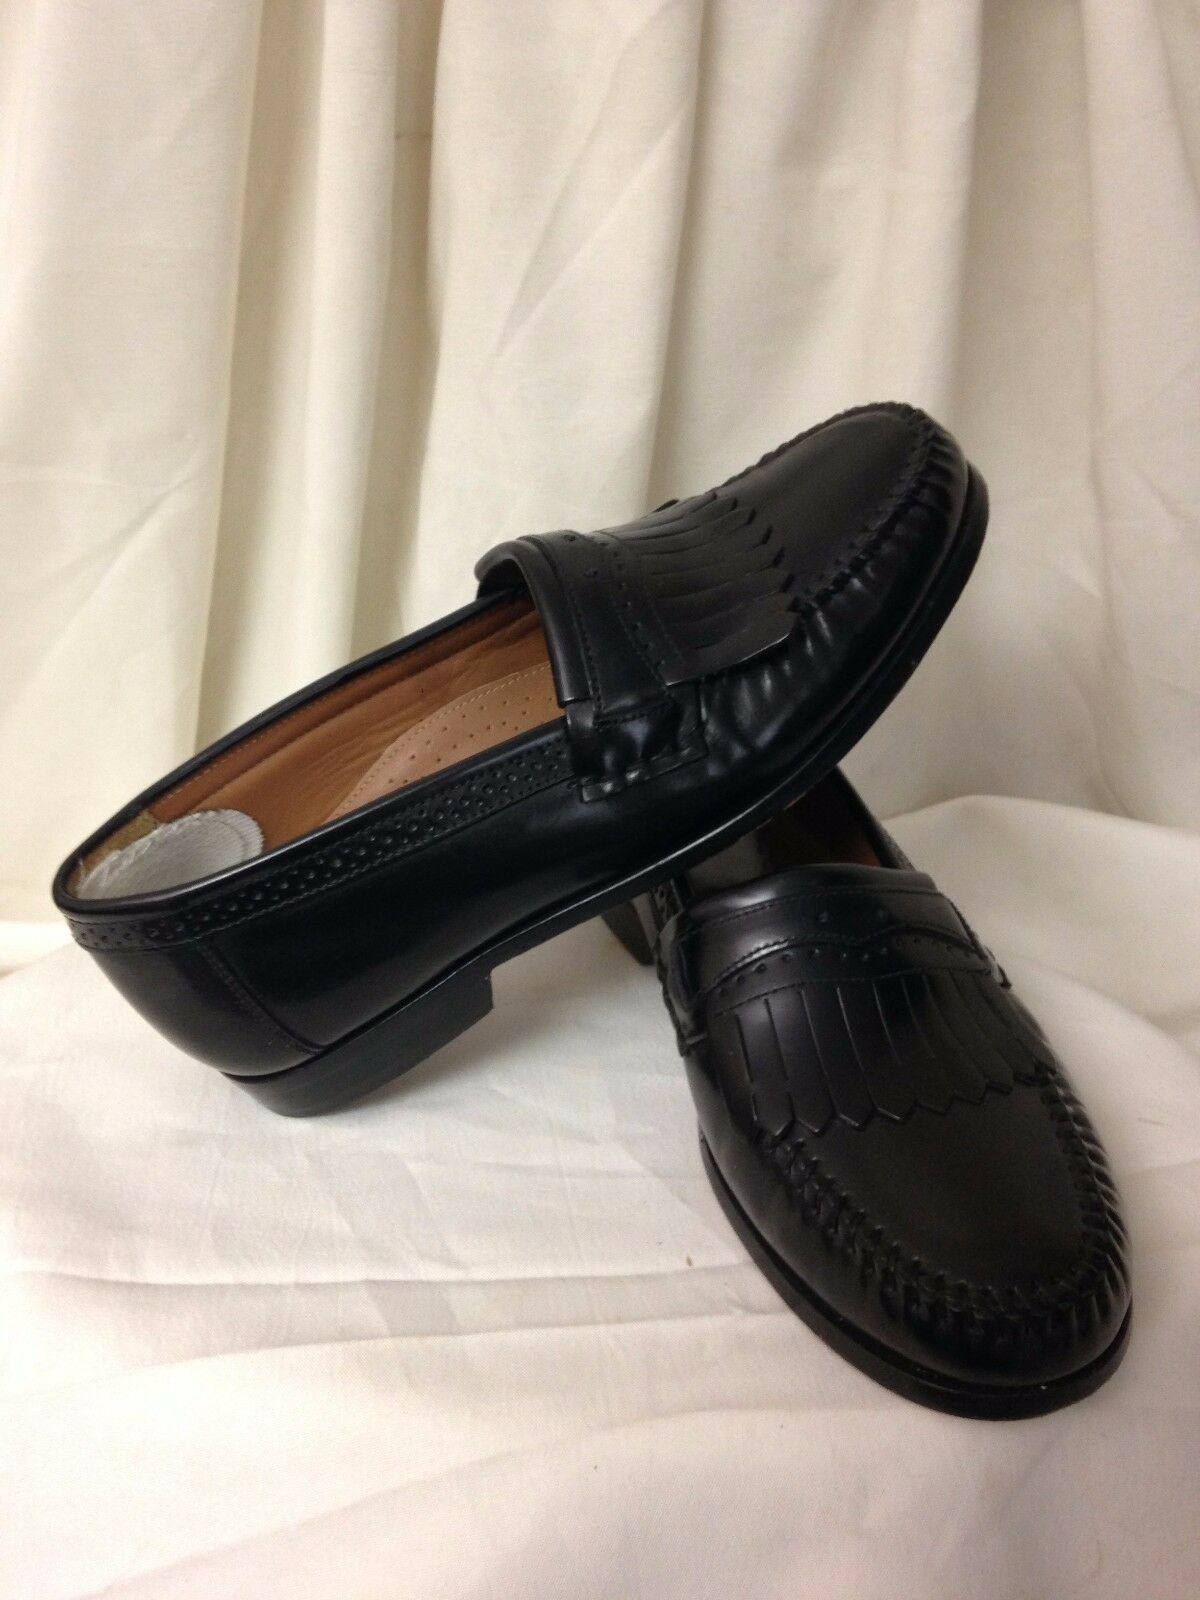 Bass Men / Unisex Black Formal Apron Toe Tassel Loafer - Size US 9